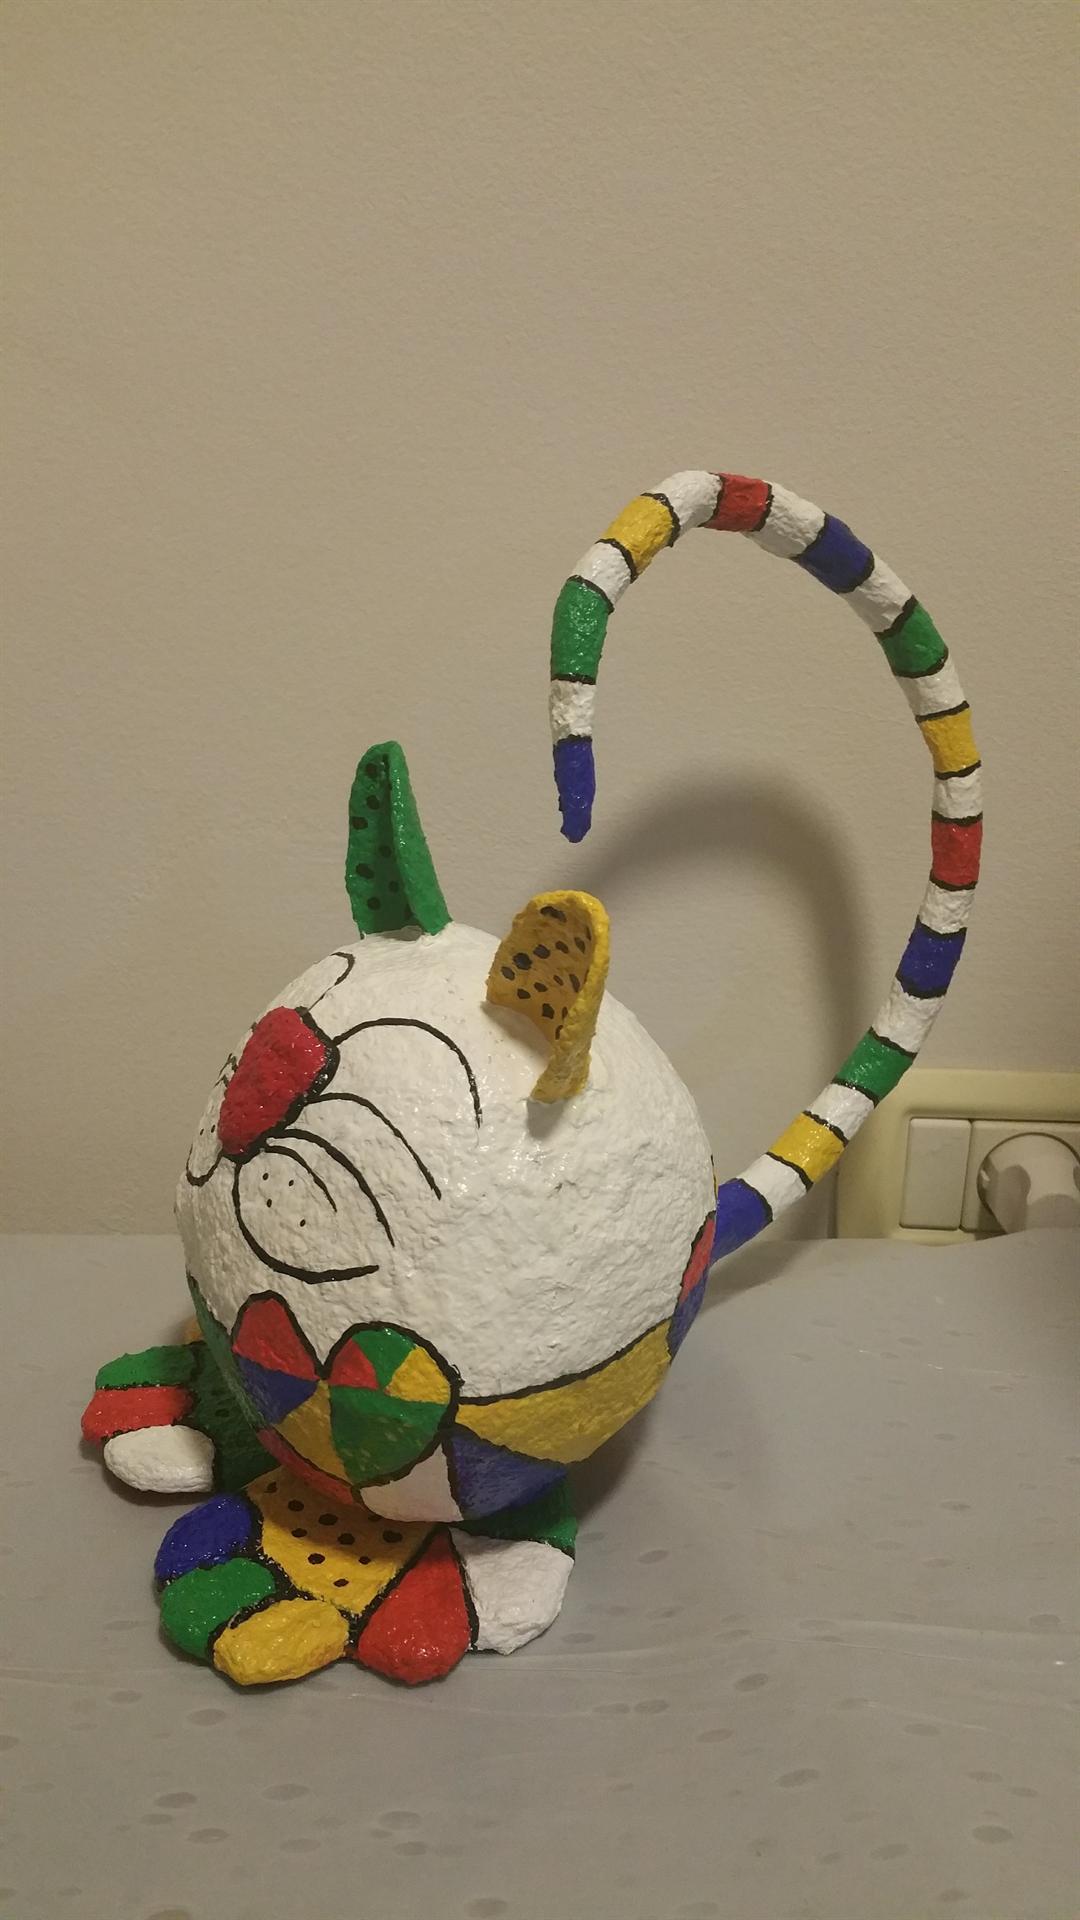 חתול צבעוני של לאה